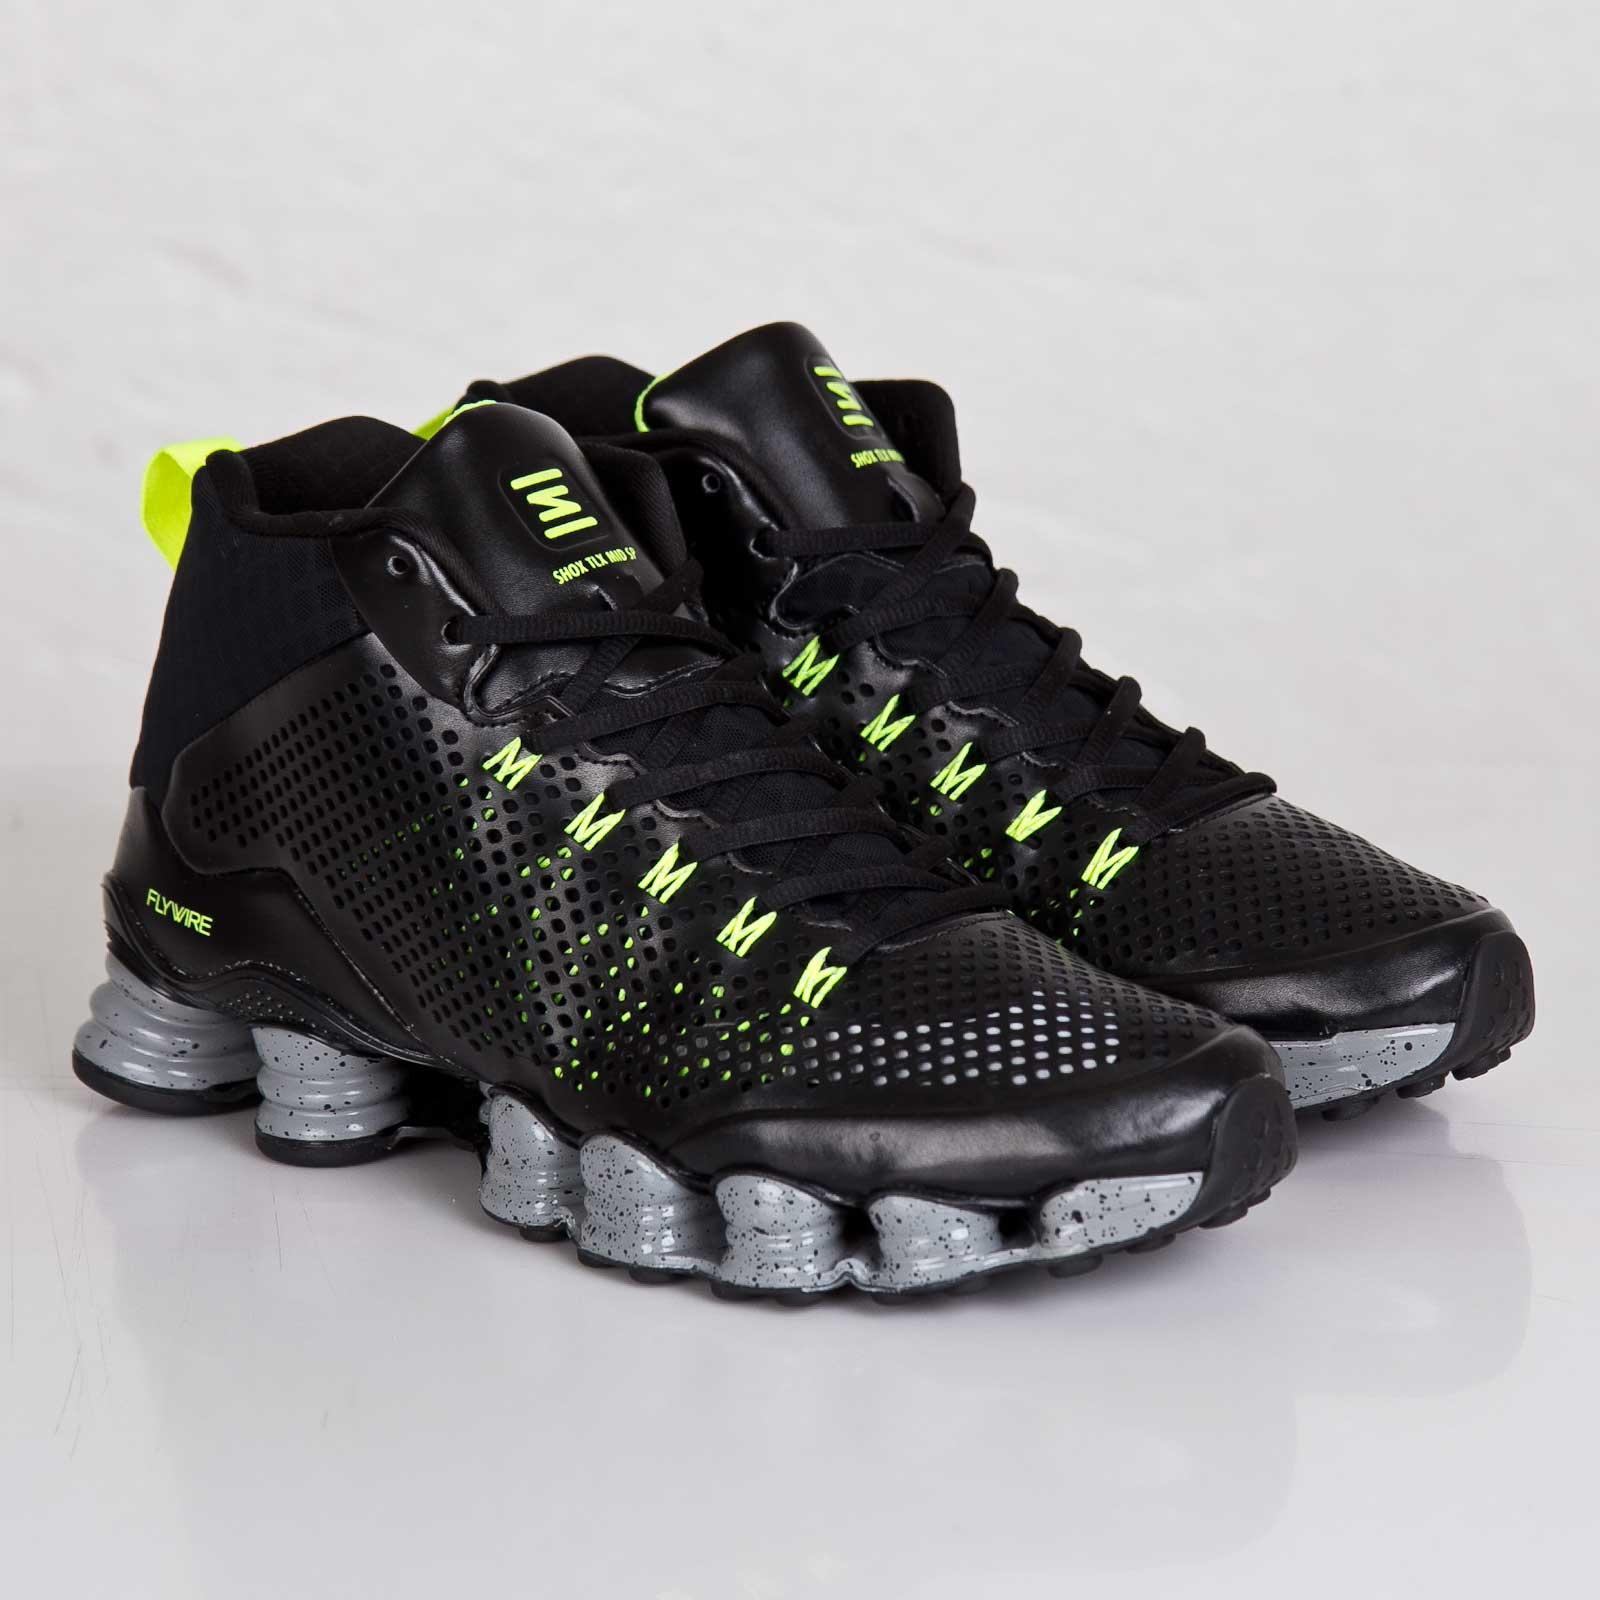 uk availability da993 580fa Nike Shox TLX Mid SP - 677737-007 - Sneakersnstuff ...